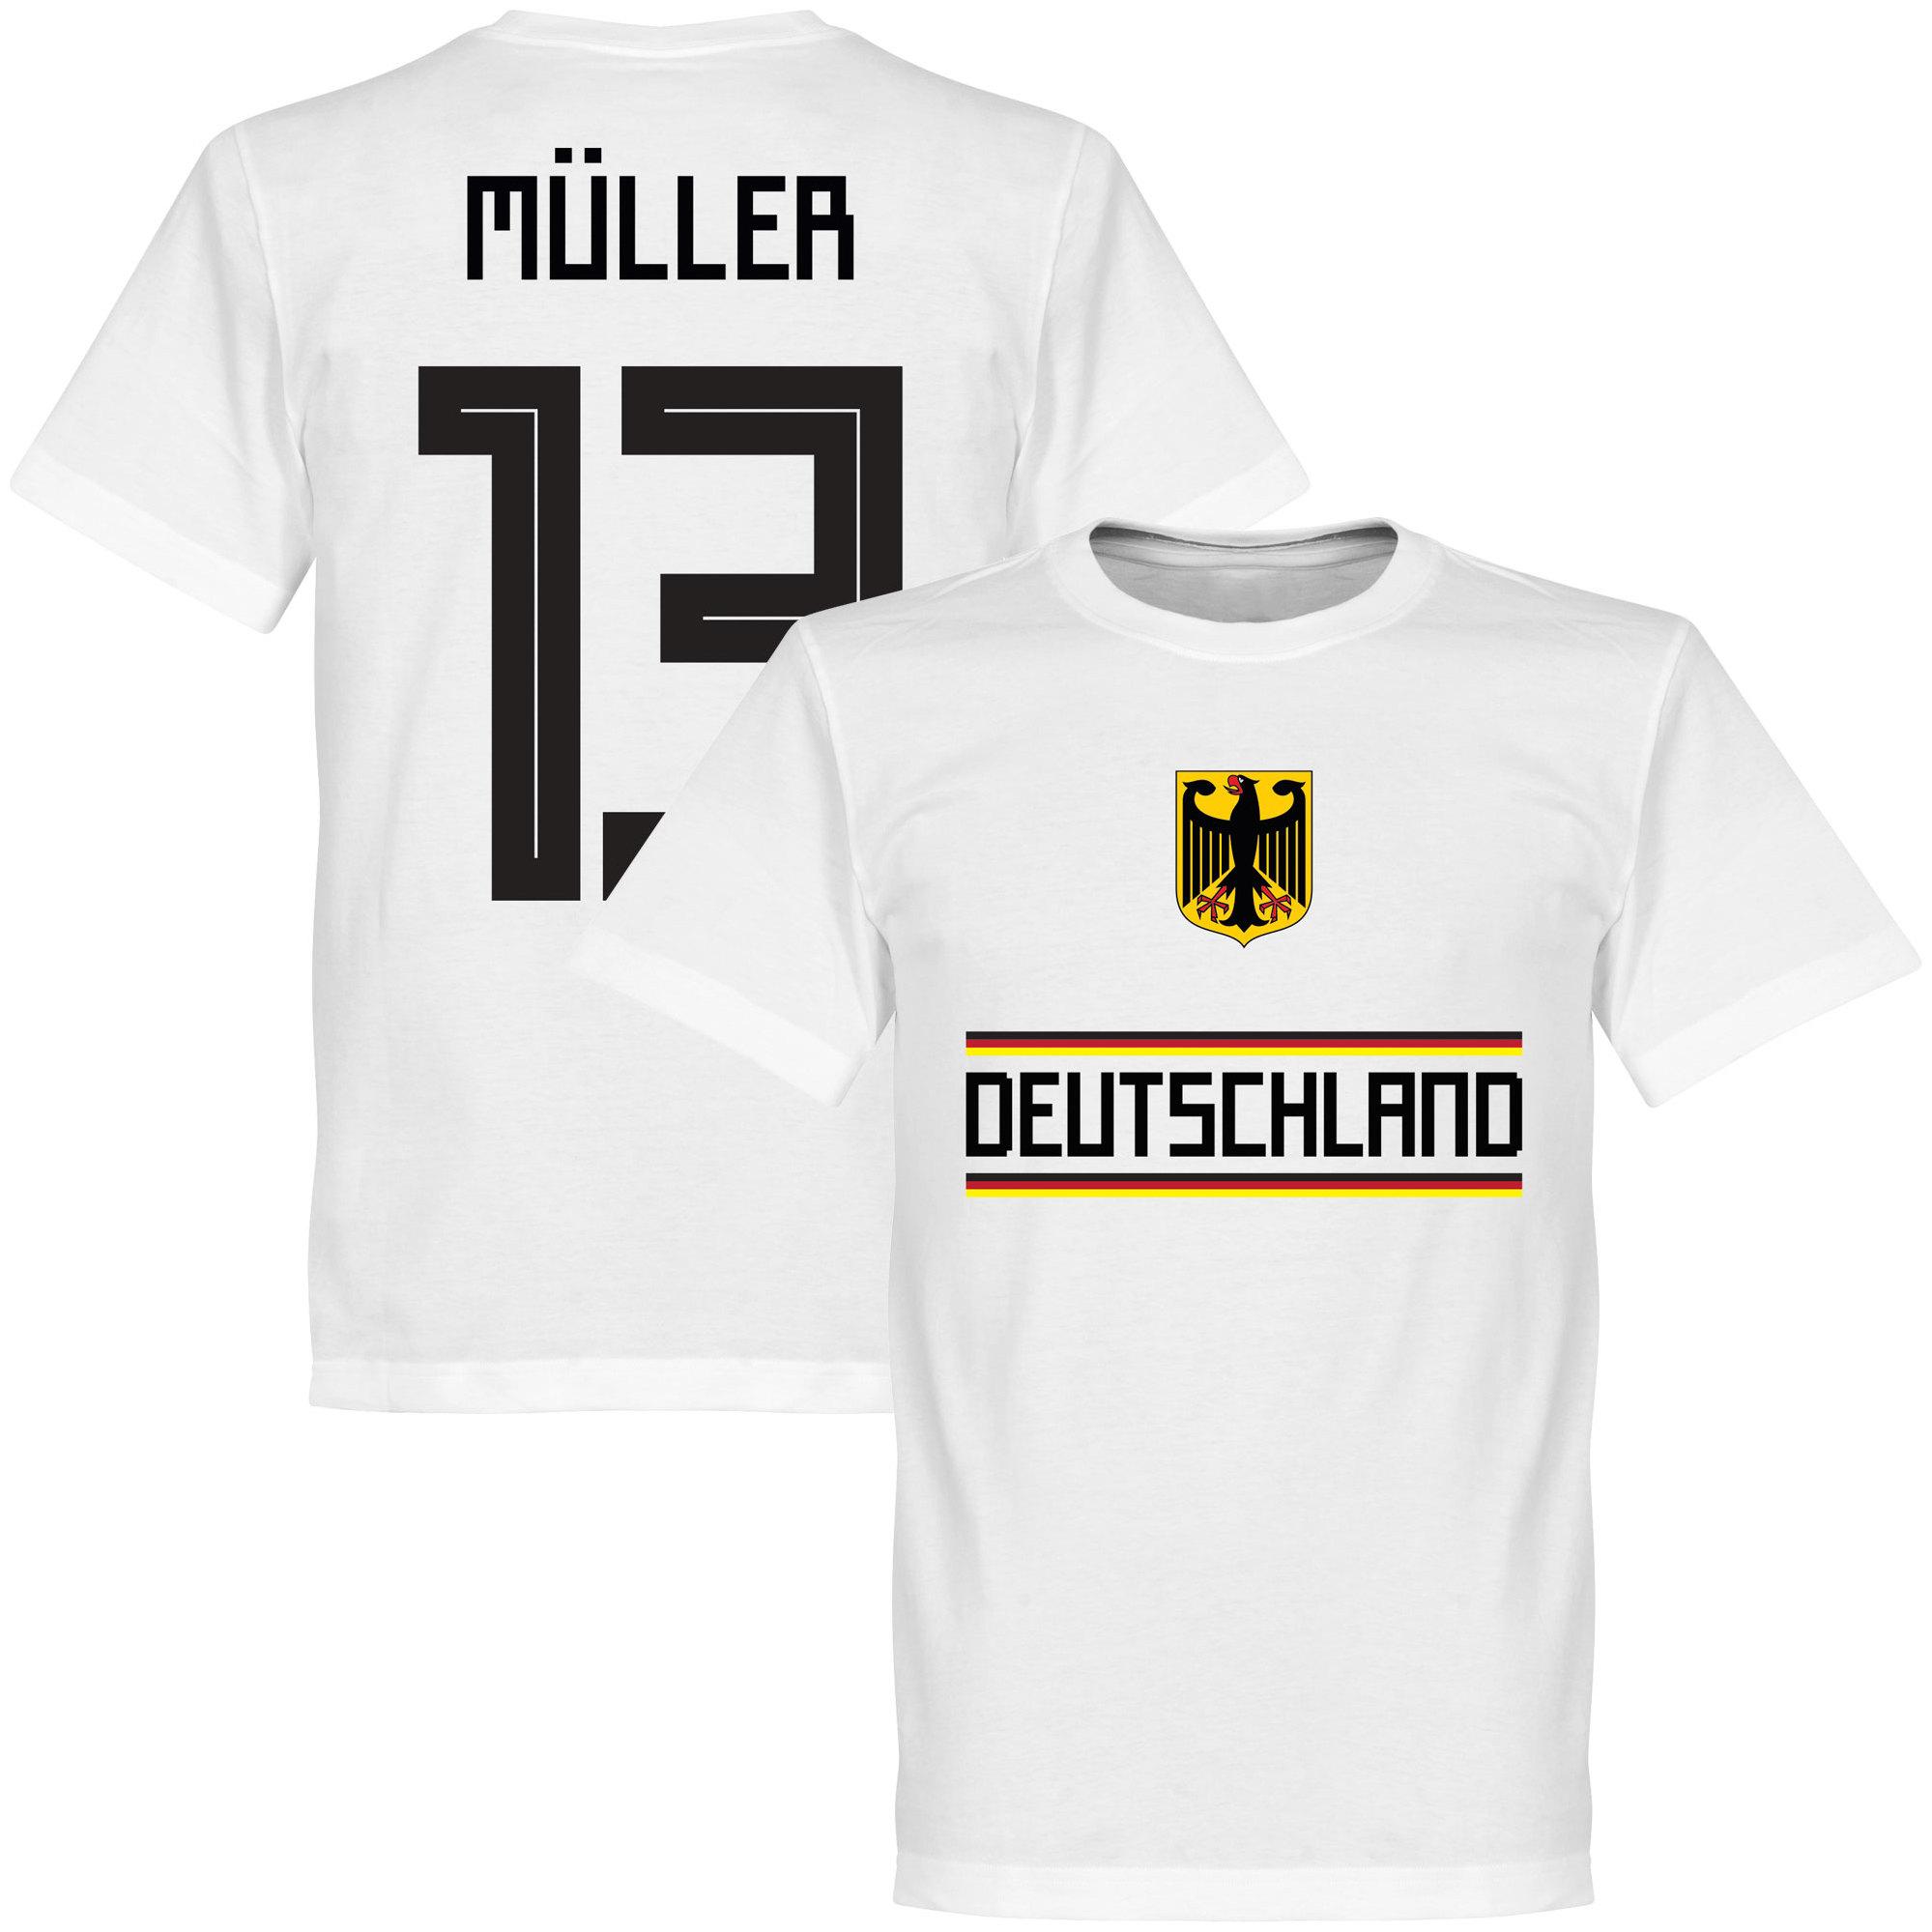 pretty nice e8e54 1db7e Tyskland T-shirt Müller 13 Team Gerd Muller Vit